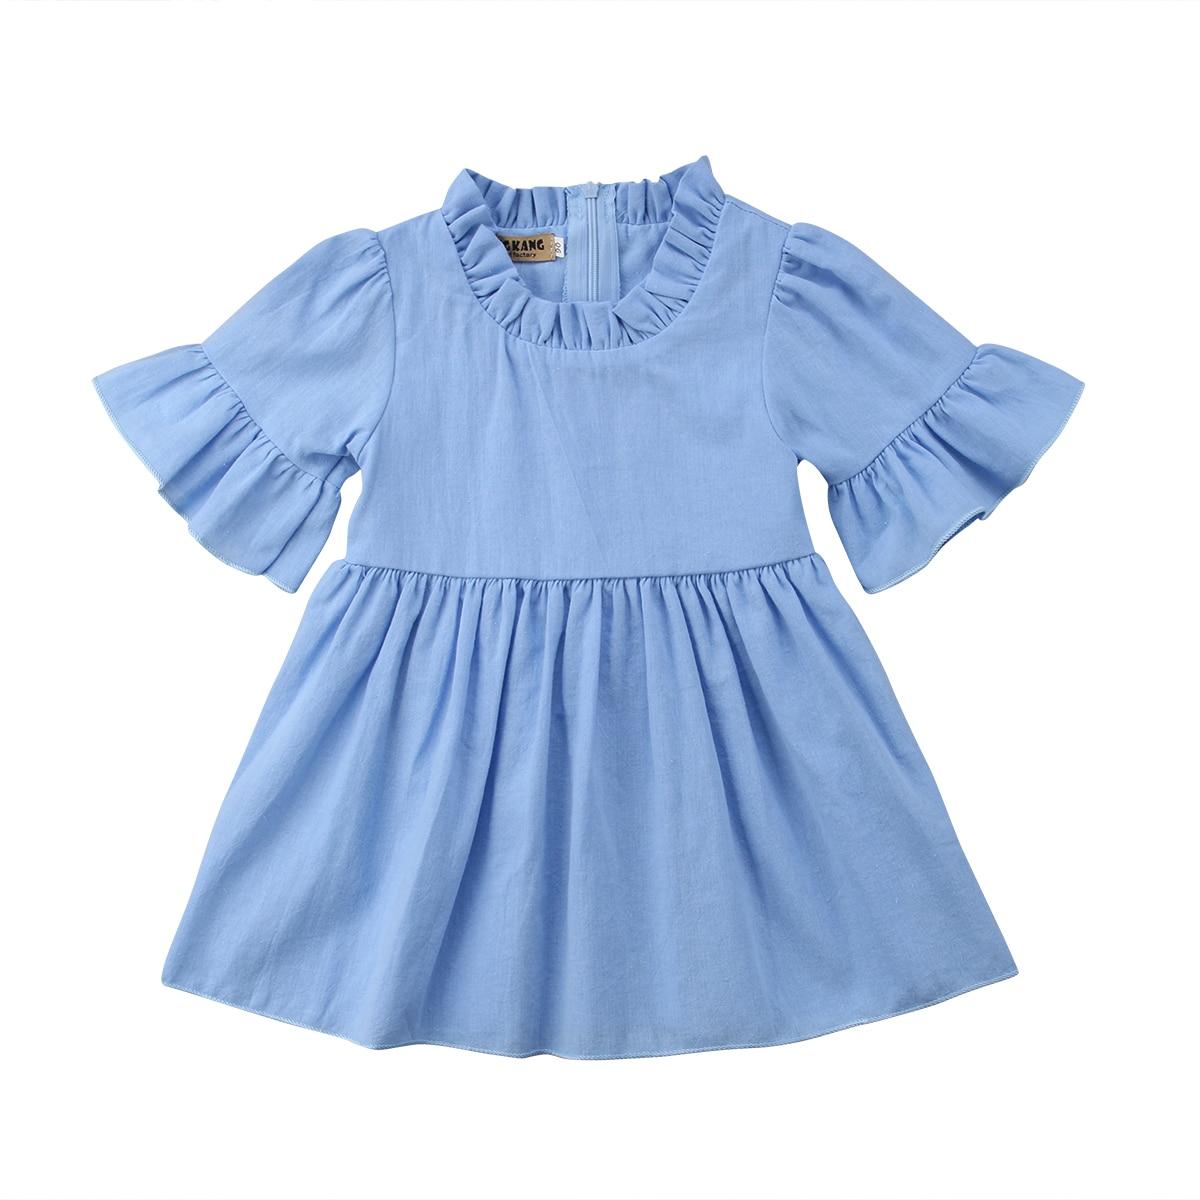 Одежда для малышей для девочек Летнее платье принцессы вечерние повседневные платья сарафан Одежда От 6 месяцев до 4 лет голубой/светло-фиол...